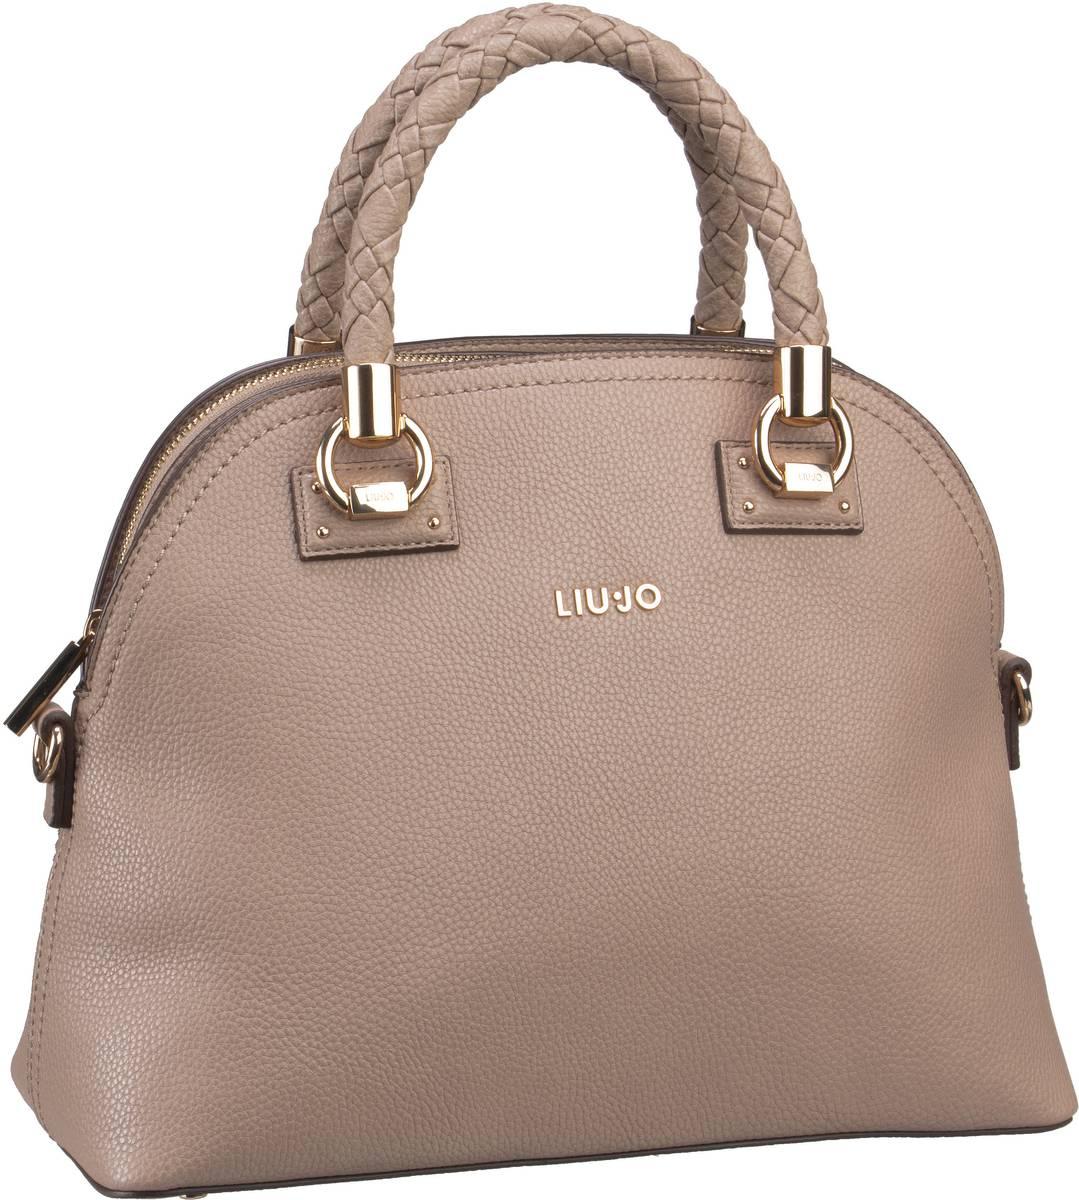 Handtaschen für Frauen - Liu Jo Handtasche Manhattan Satchel M Arenaria  - Onlineshop Taschenkaufhaus